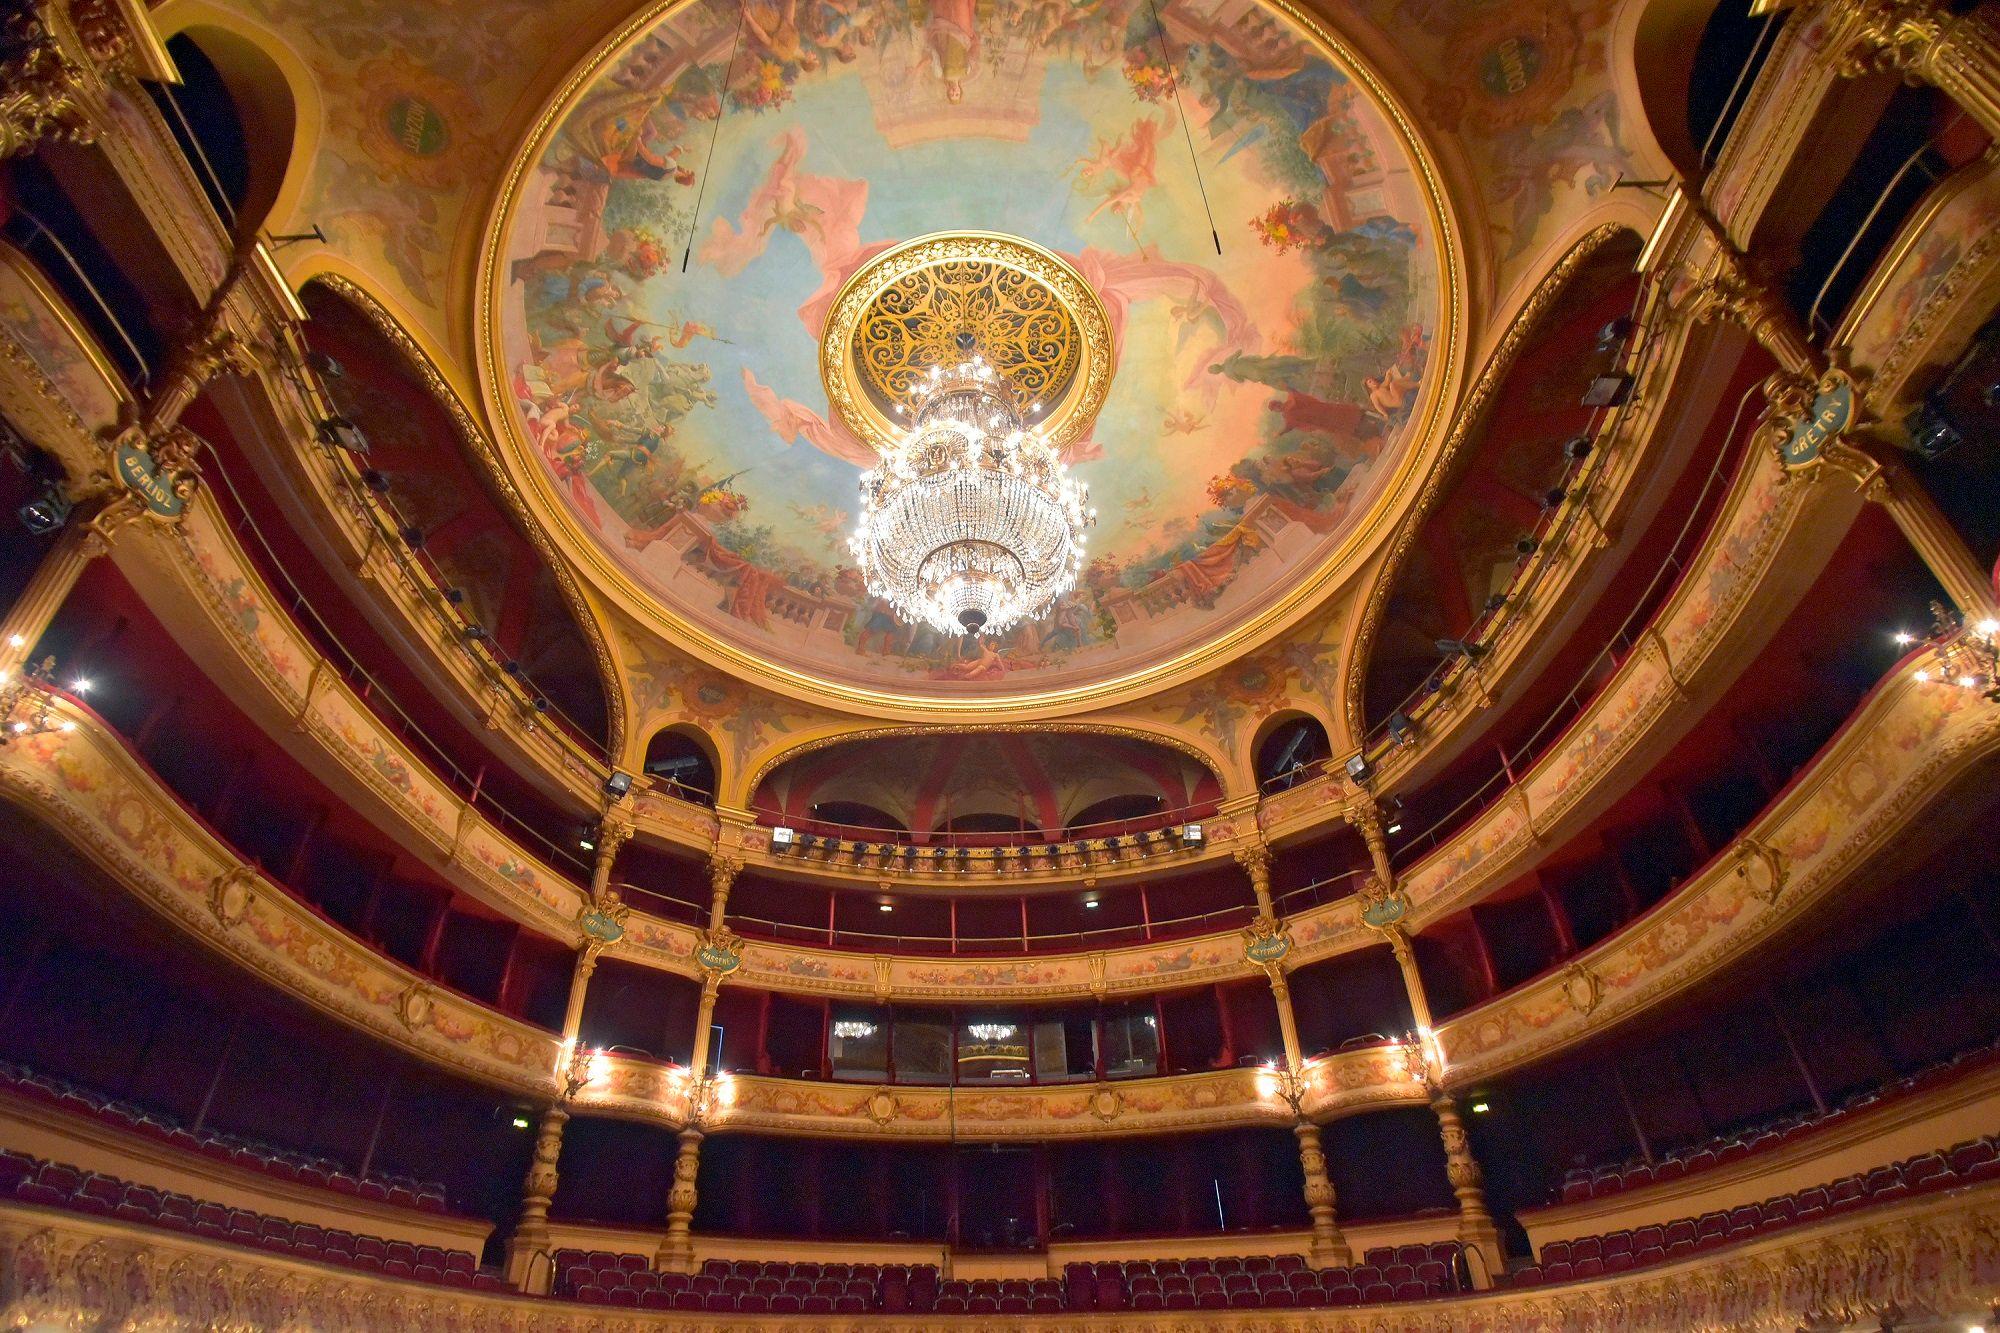 Les peintures de l'Opéra de la Comédie à Montpellier